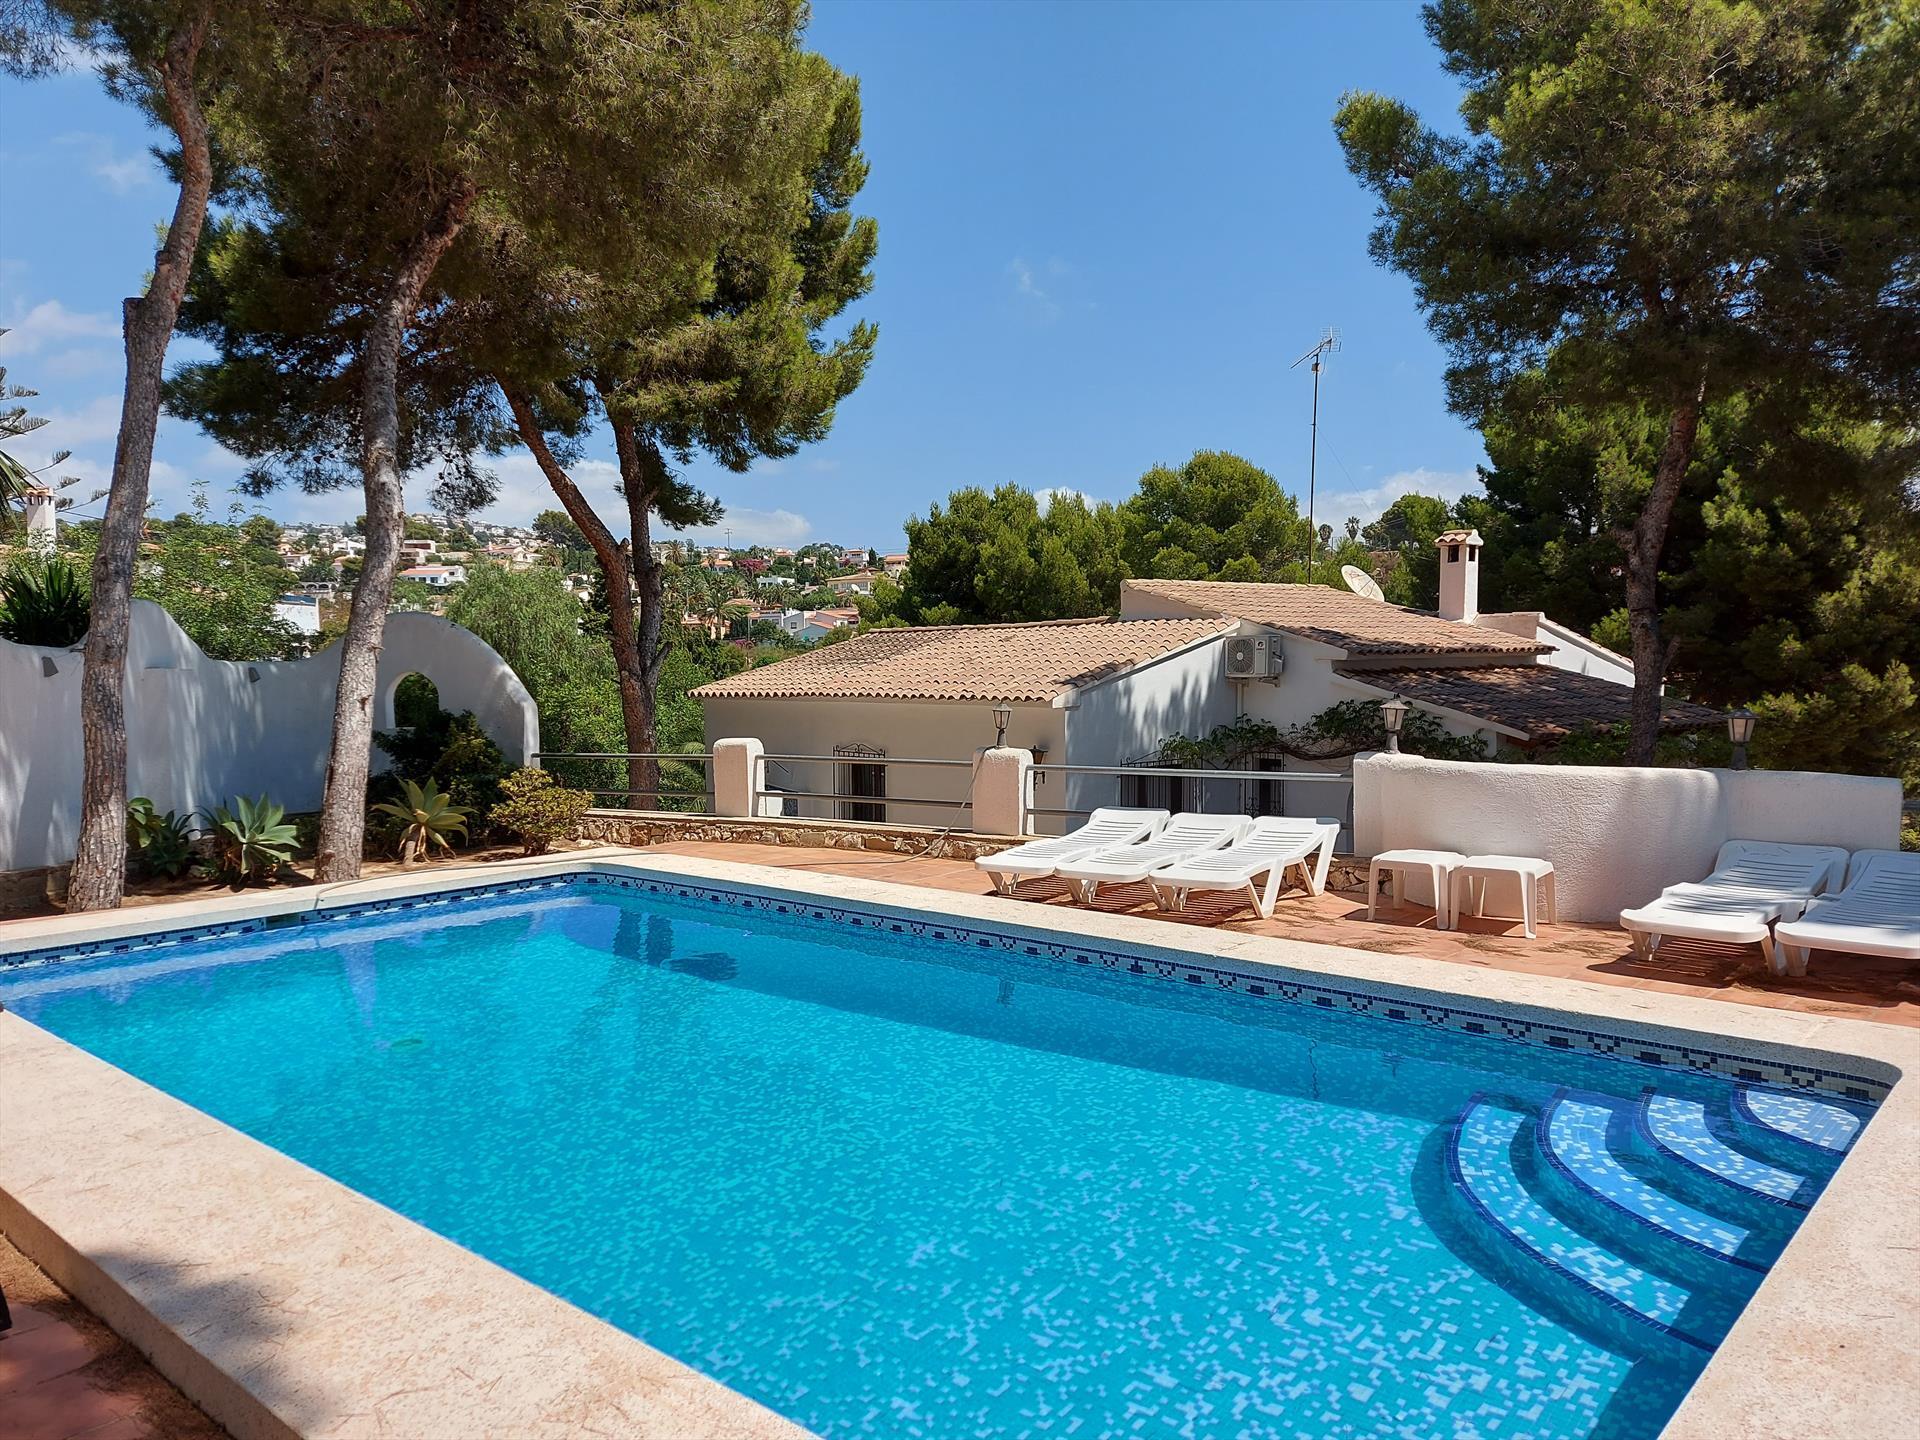 Villa 2018,Villa  met privé zwembad in Moraira, aan de Costa Blanca, Spanje voor 12 personen.....